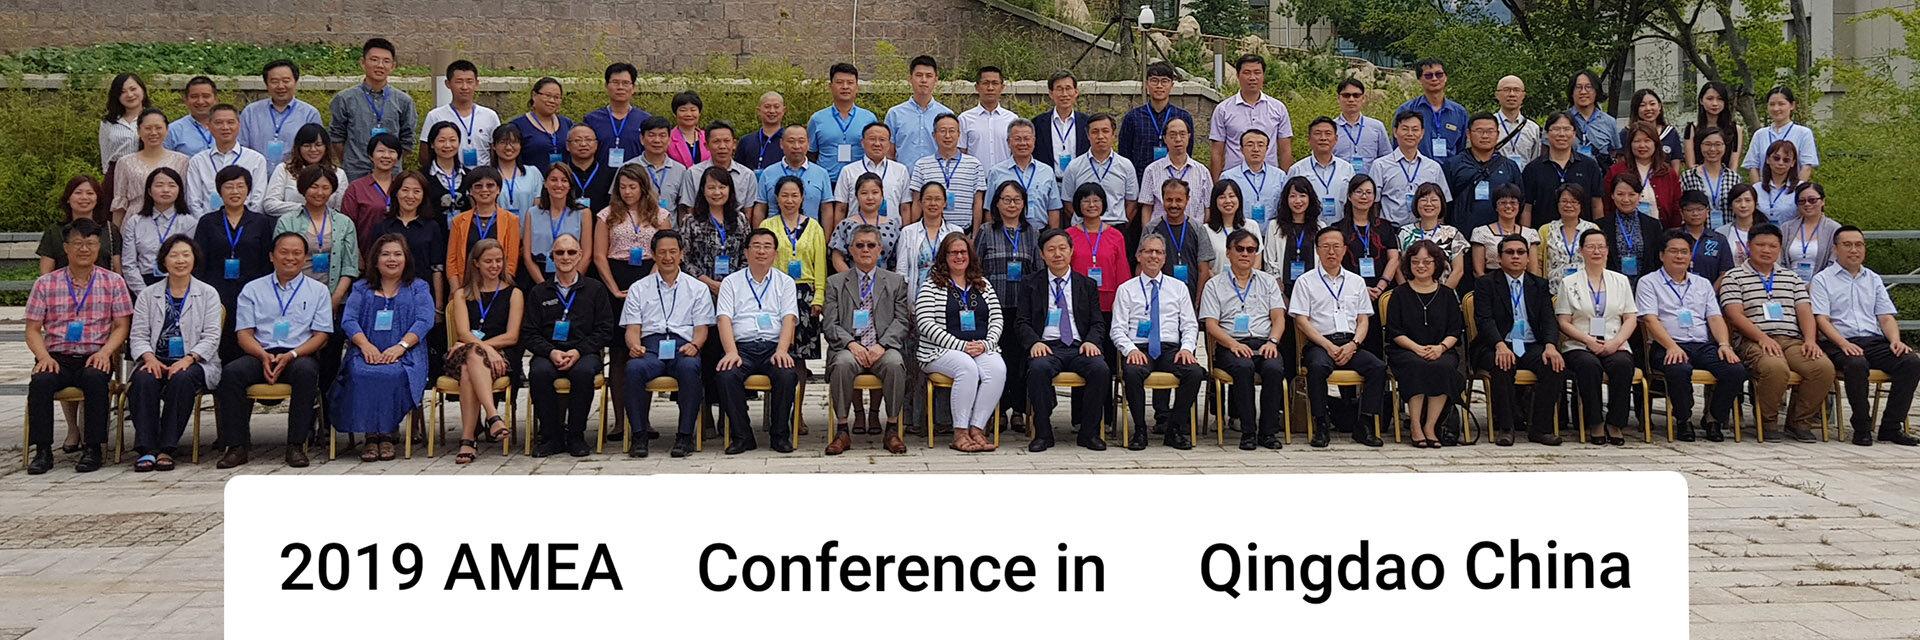 AMEA-2019-conference-qingdao.jpg